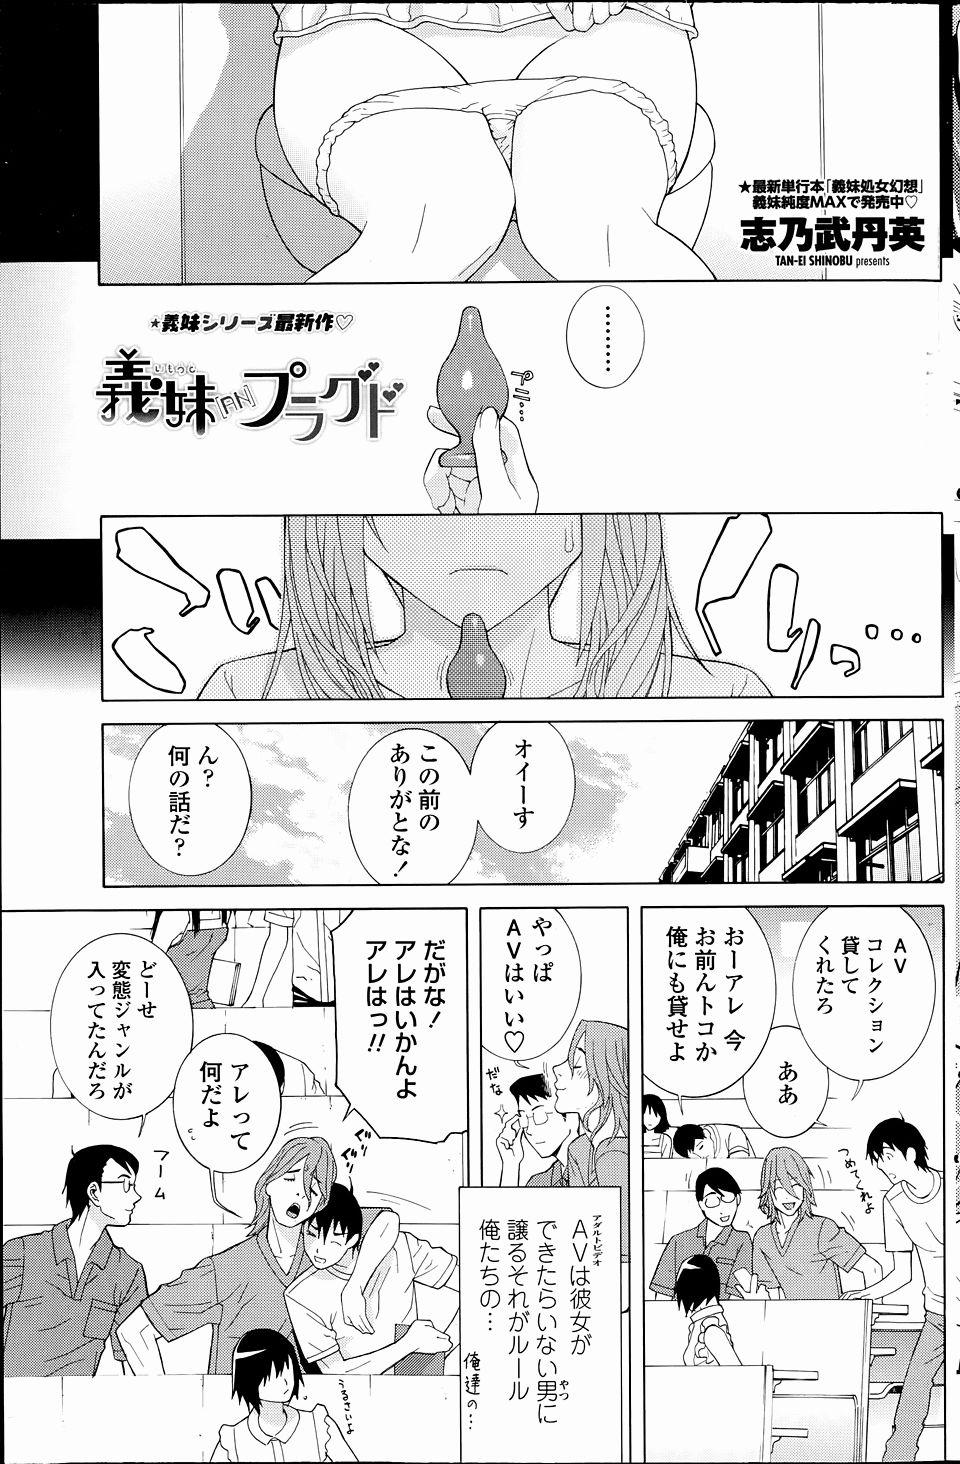 【エロ漫画・エロ同人】アナル拡張プラグが抜けなくなった巨乳義妹がマンコ疼いちゃってるwww (1)